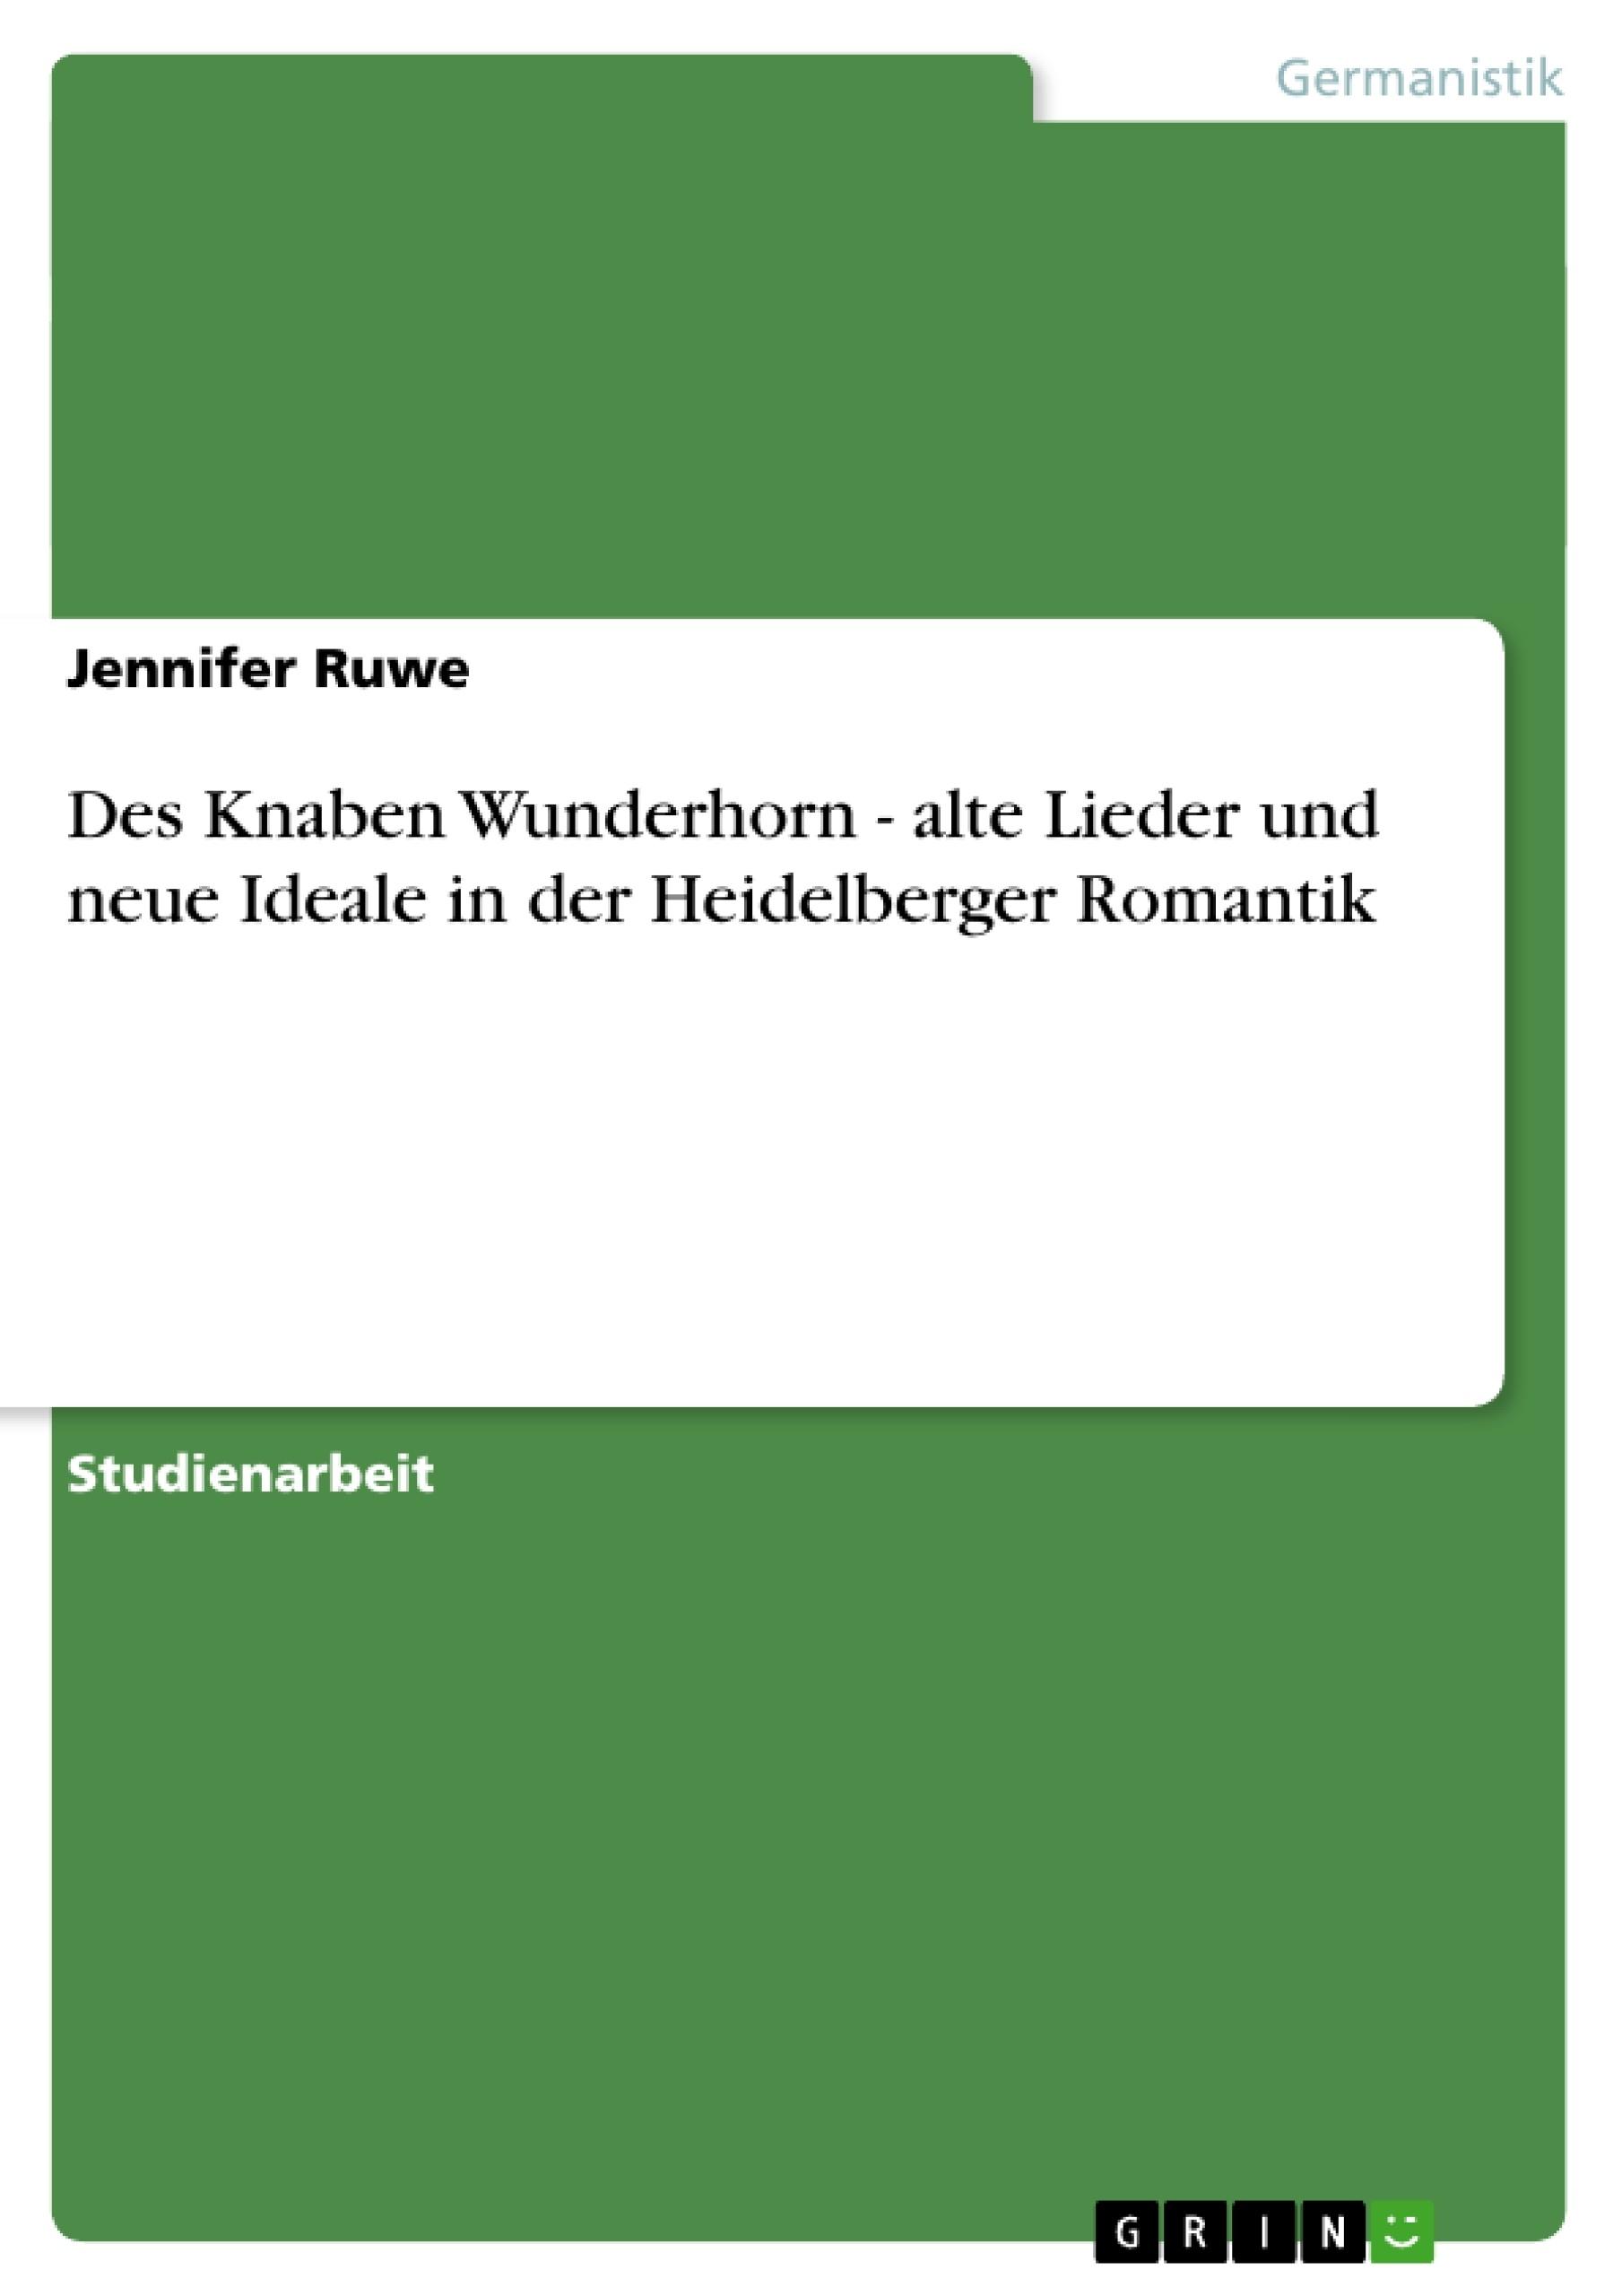 Titel: Des Knaben Wunderhorn - alte Lieder und neue Ideale in der Heidelberger Romantik